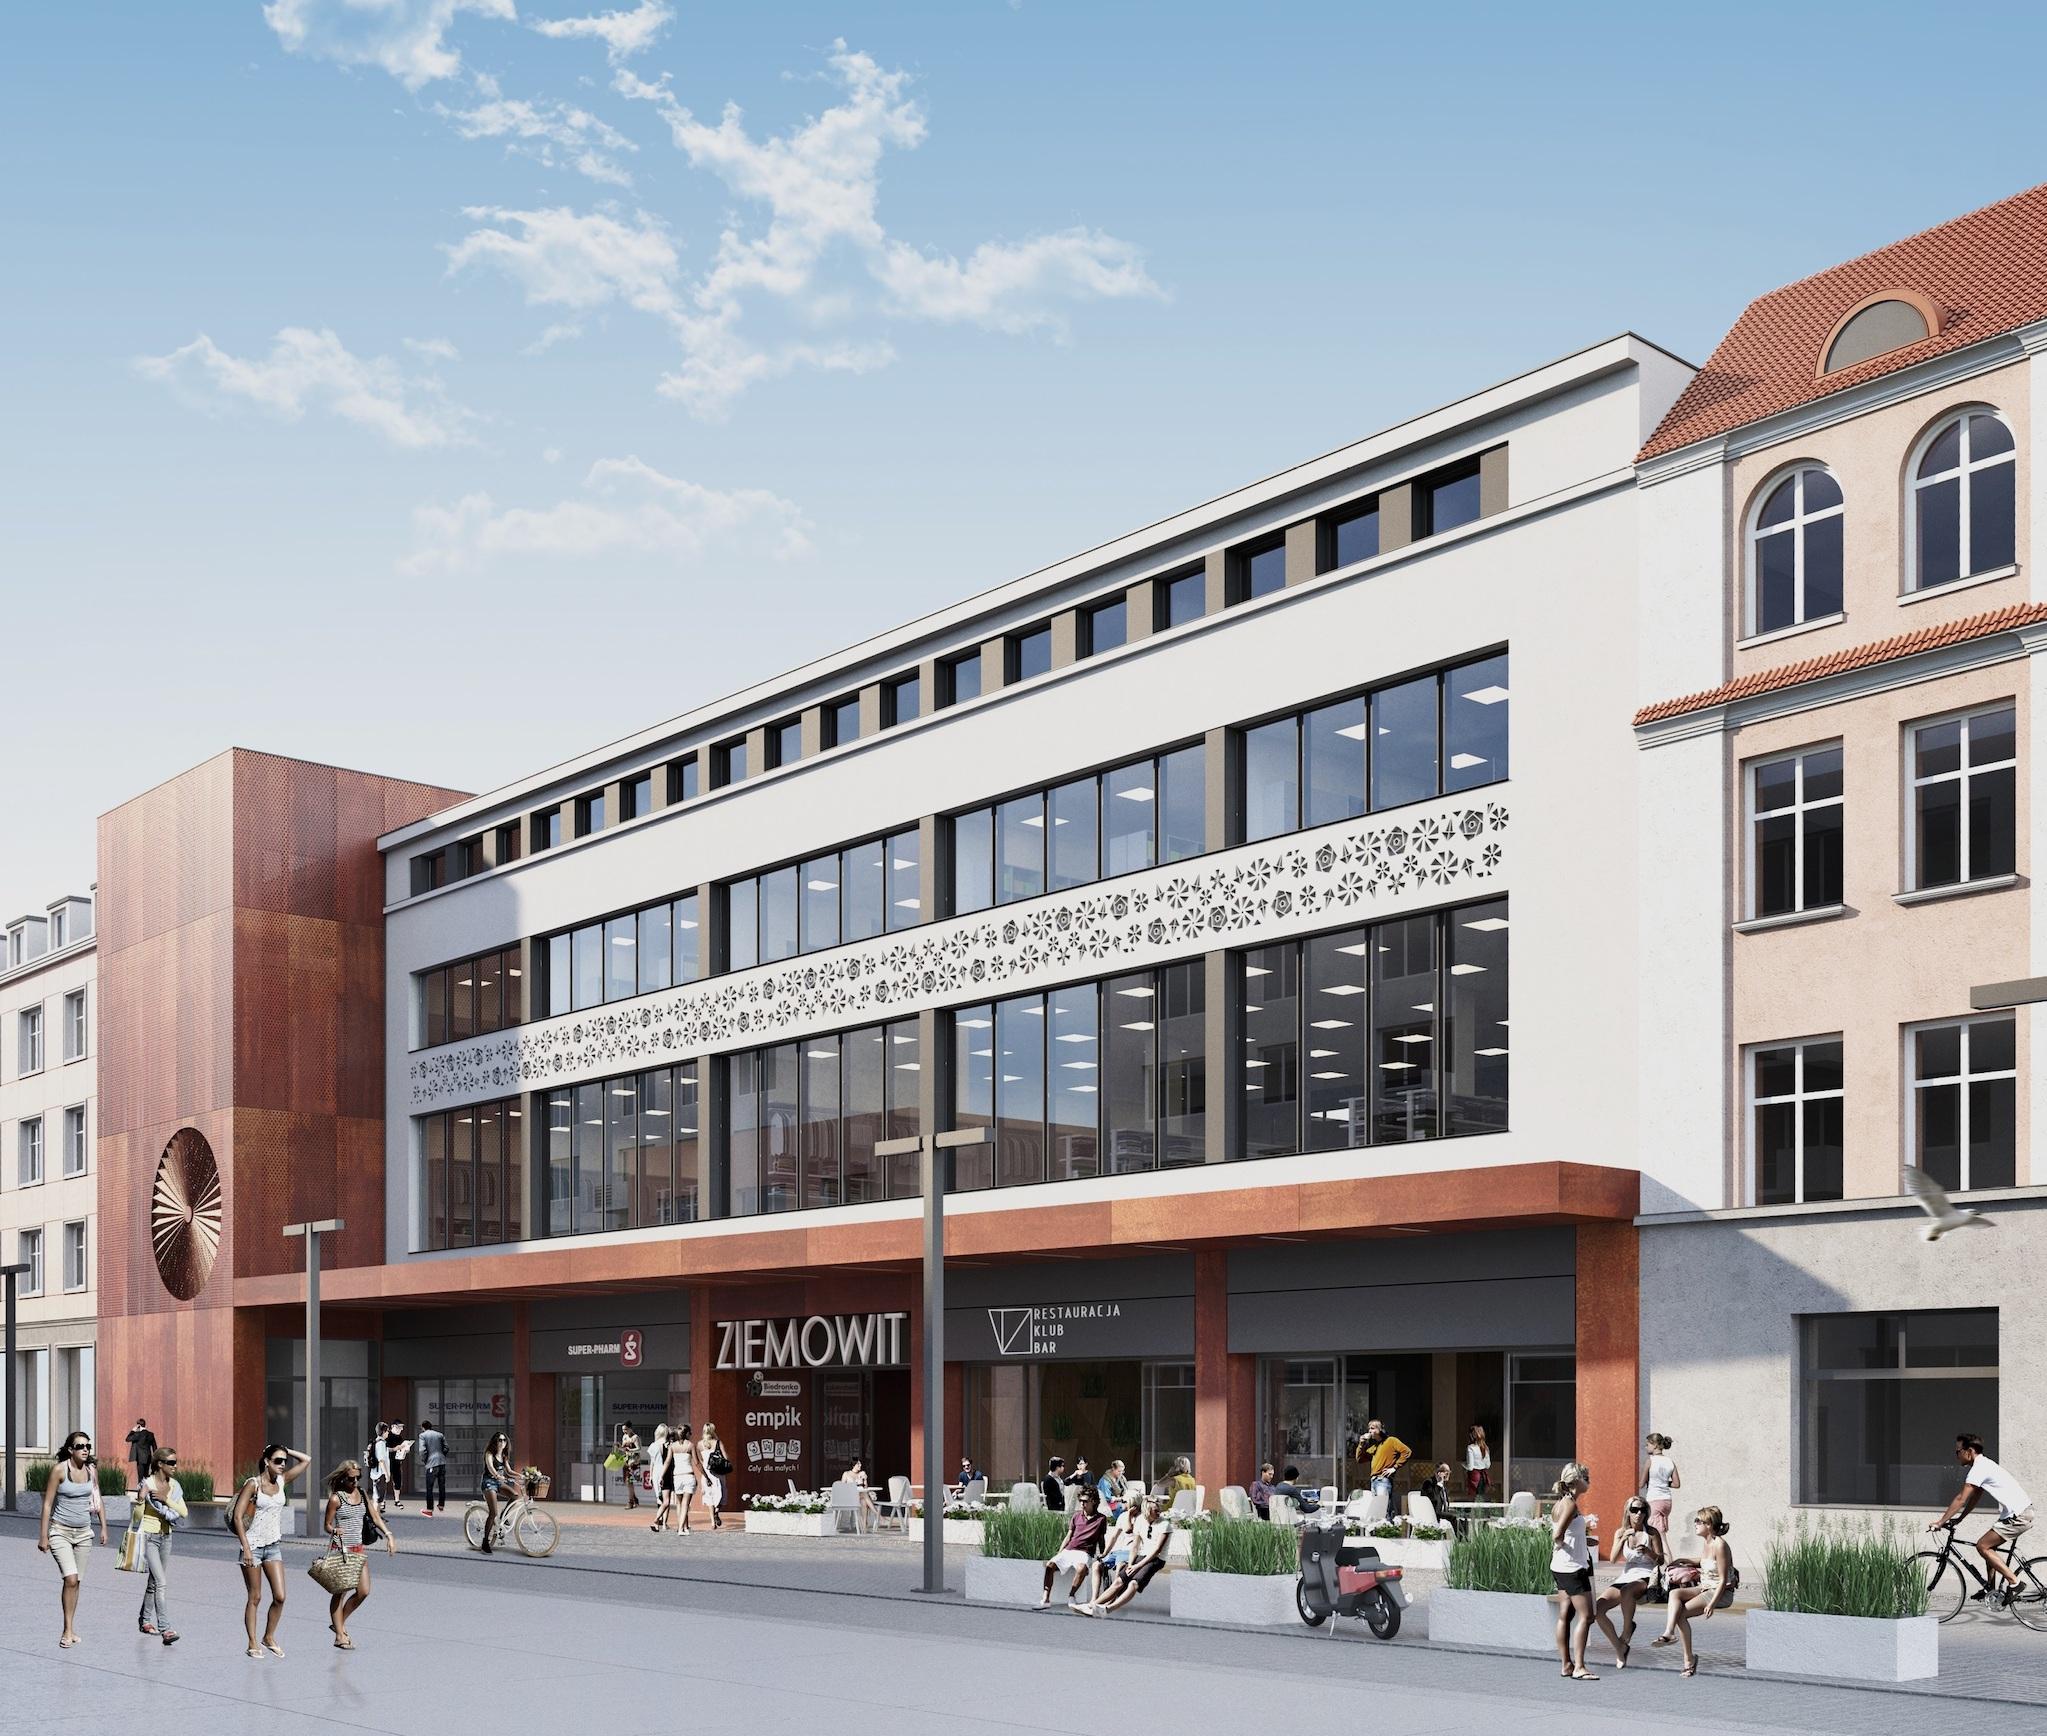 Biznes plan budynek handlowy Ziemowit